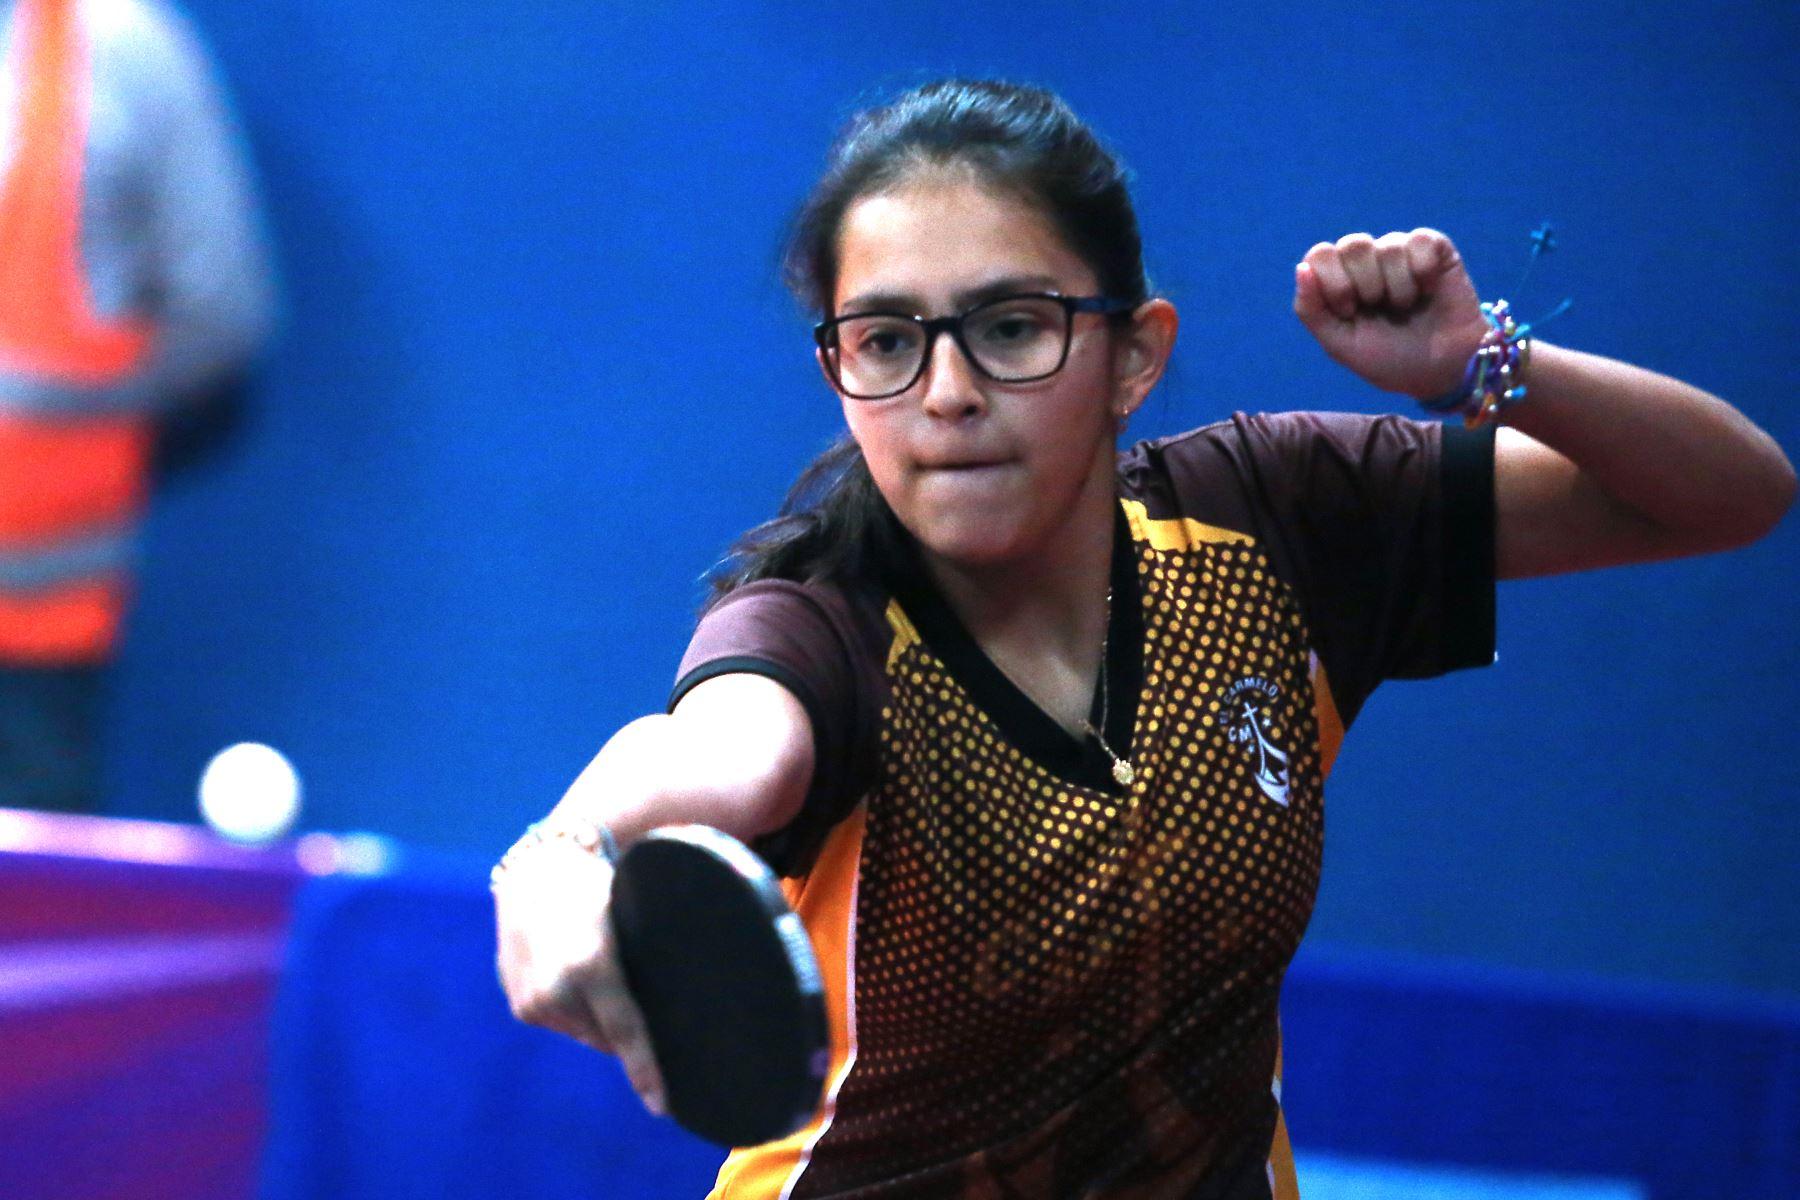 Alejandra Gabriela Medina Nuñez del Colegio Carmelo de La Cusco participa en categoría Tenis de Mesa de los Juegos Escolares 2019. Foto: ANDINA/Vidal Tarqui